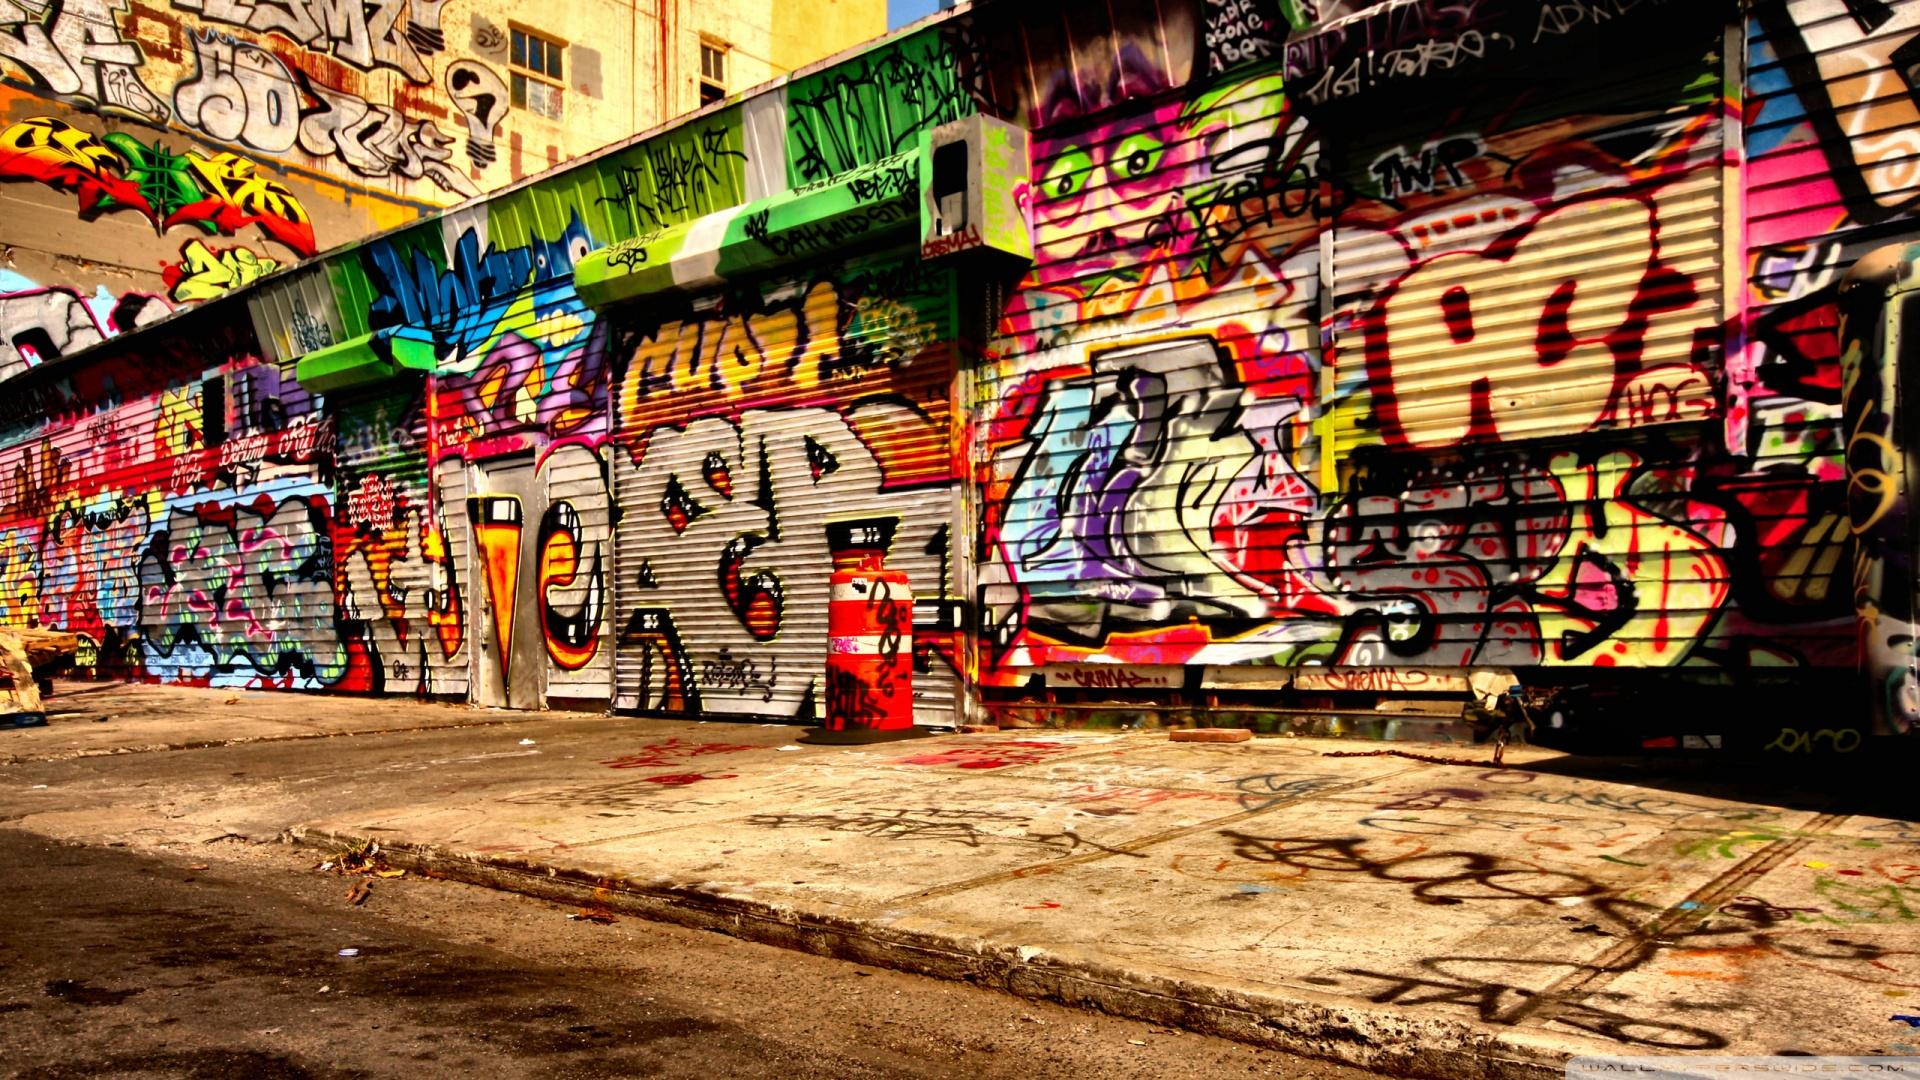 Graffiti Art On Walls Wallpaper 1920x1080 Graffiti Art On Walls 1920x1080